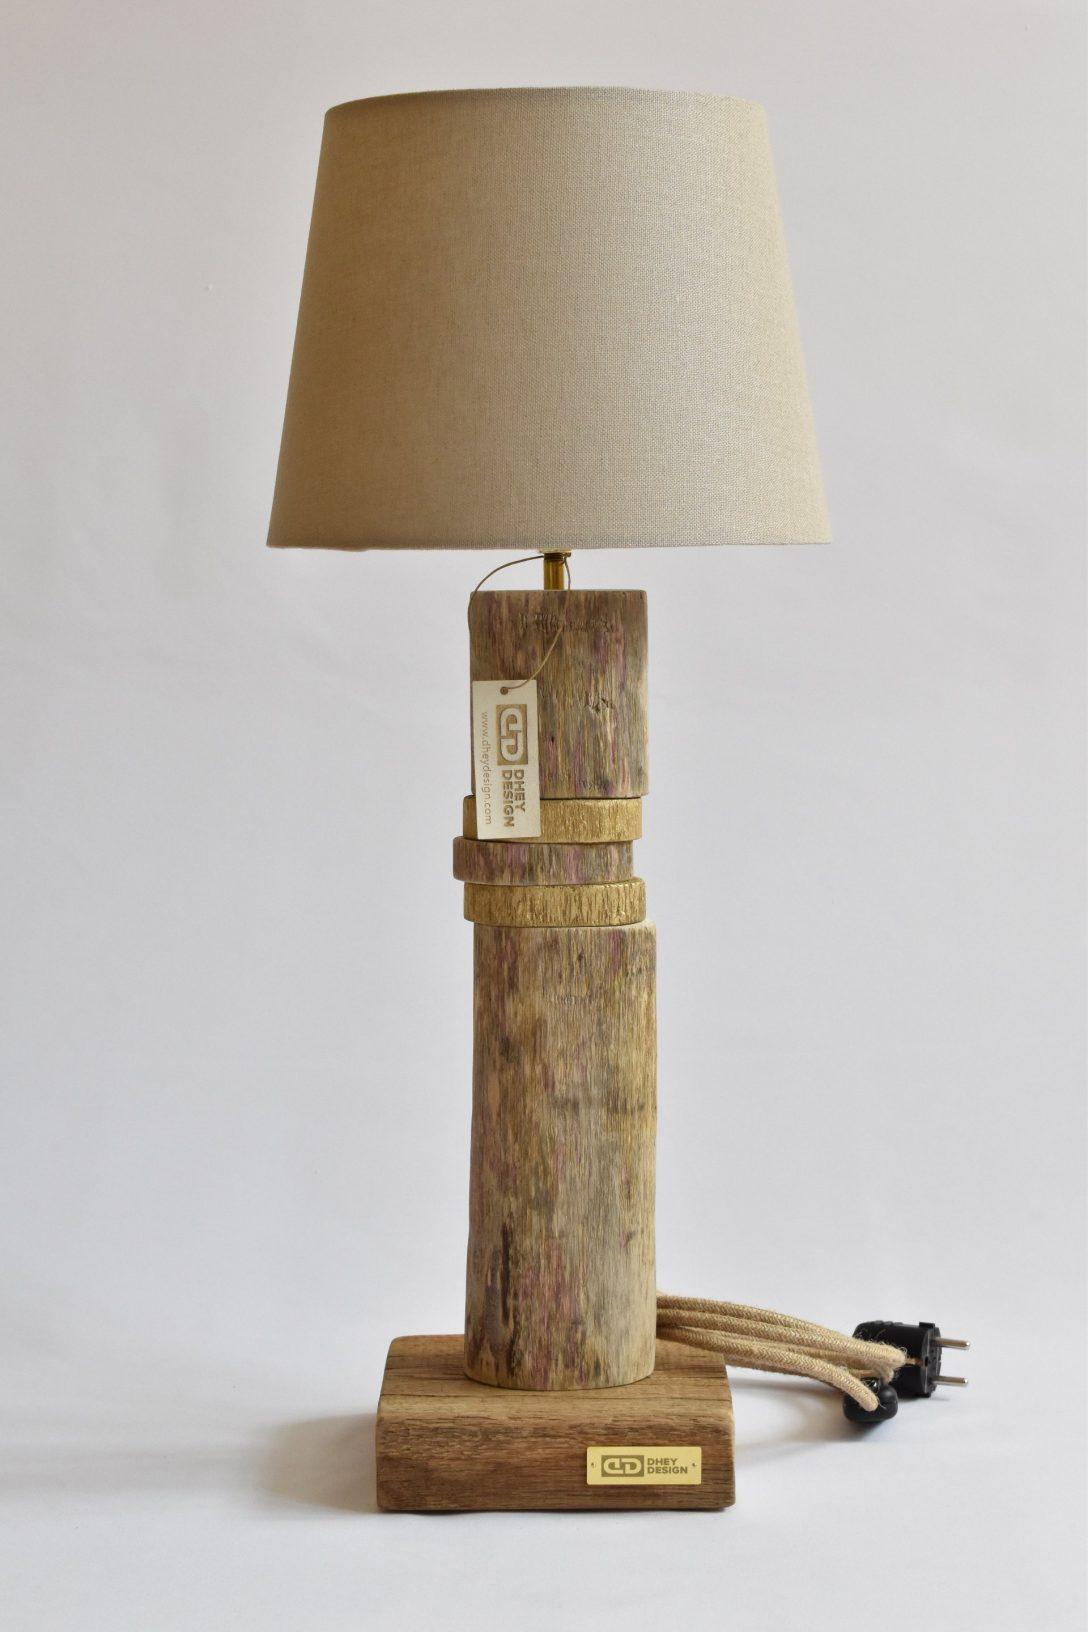 Large Size of Designer Lampen Treibholz Lampe Loire Dhey Design Esstisch Deckenlampen Wohnzimmer Bad Betten Für Regale Modern Badezimmer Schlafzimmer Esstische Stehlampen Wohnzimmer Designer Lampen